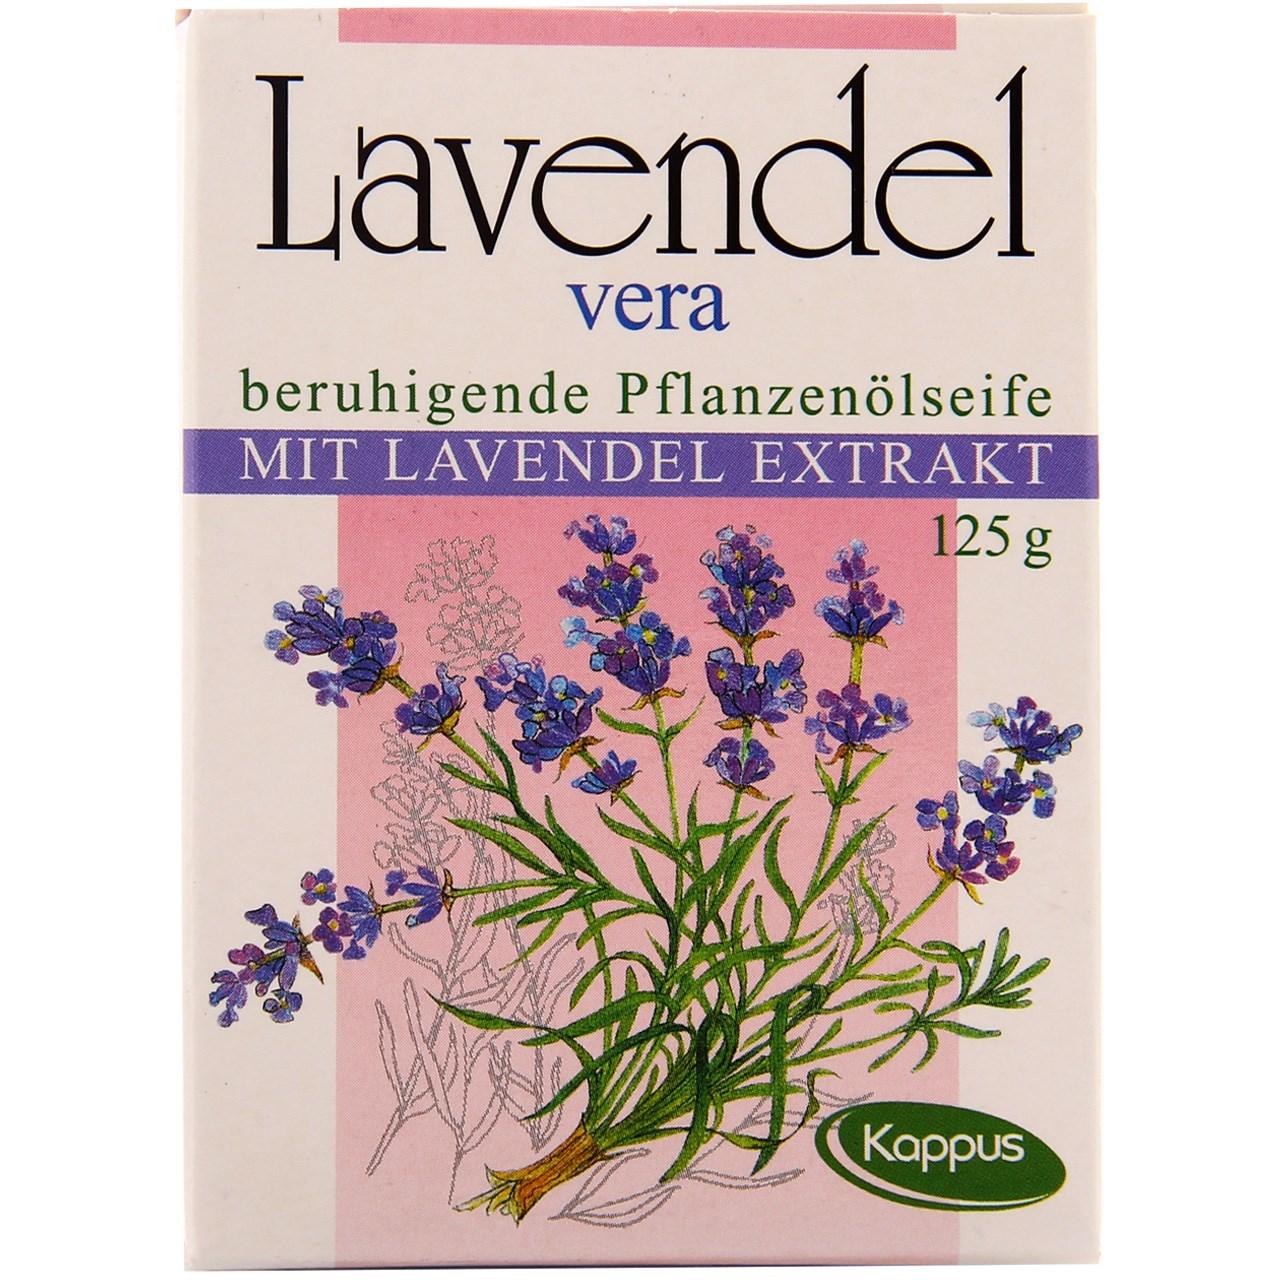 صابون کاپوس مدل Lavendel Vera مقدار 125 گرم